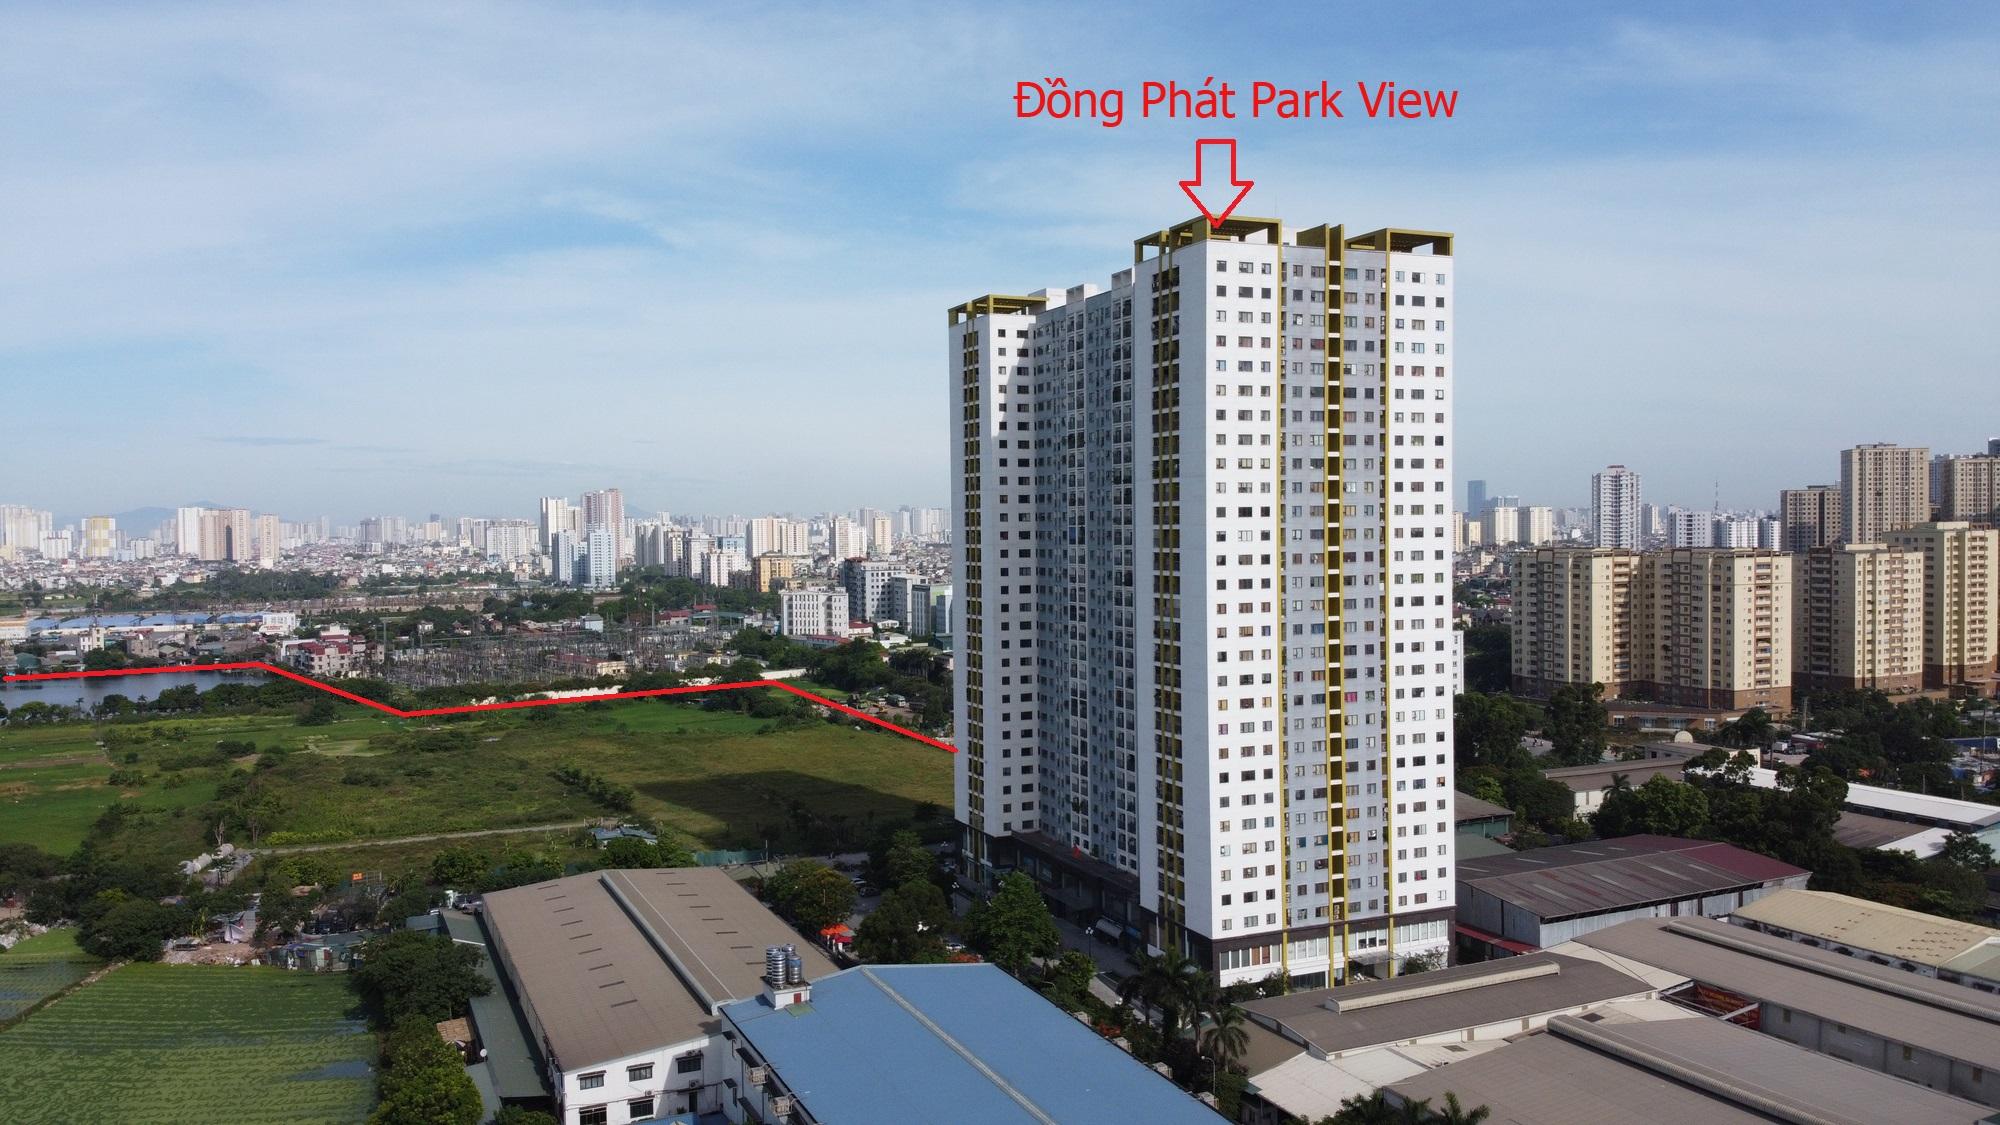 Những dự án chung cư gần các khu đất sẽ đào hồ lớn ở quận Hoàng Mai - Ảnh 3.